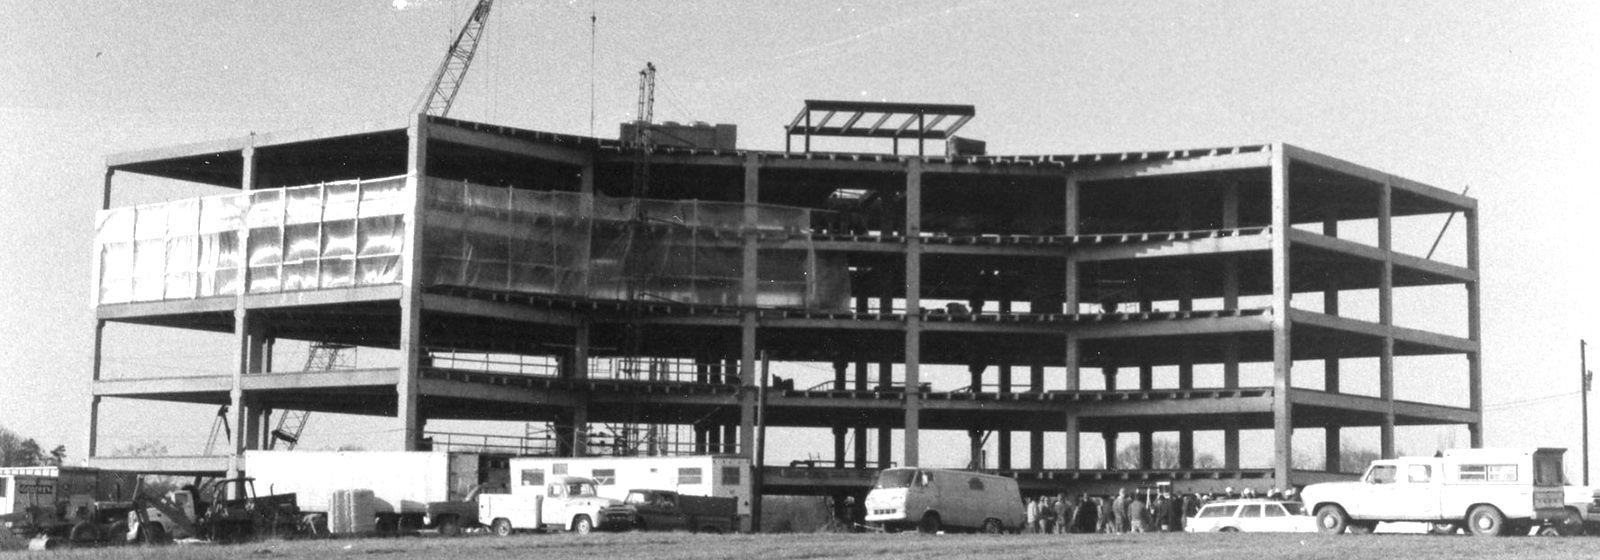 Retro photos: Piedmont Natural Gas HQ under construction?